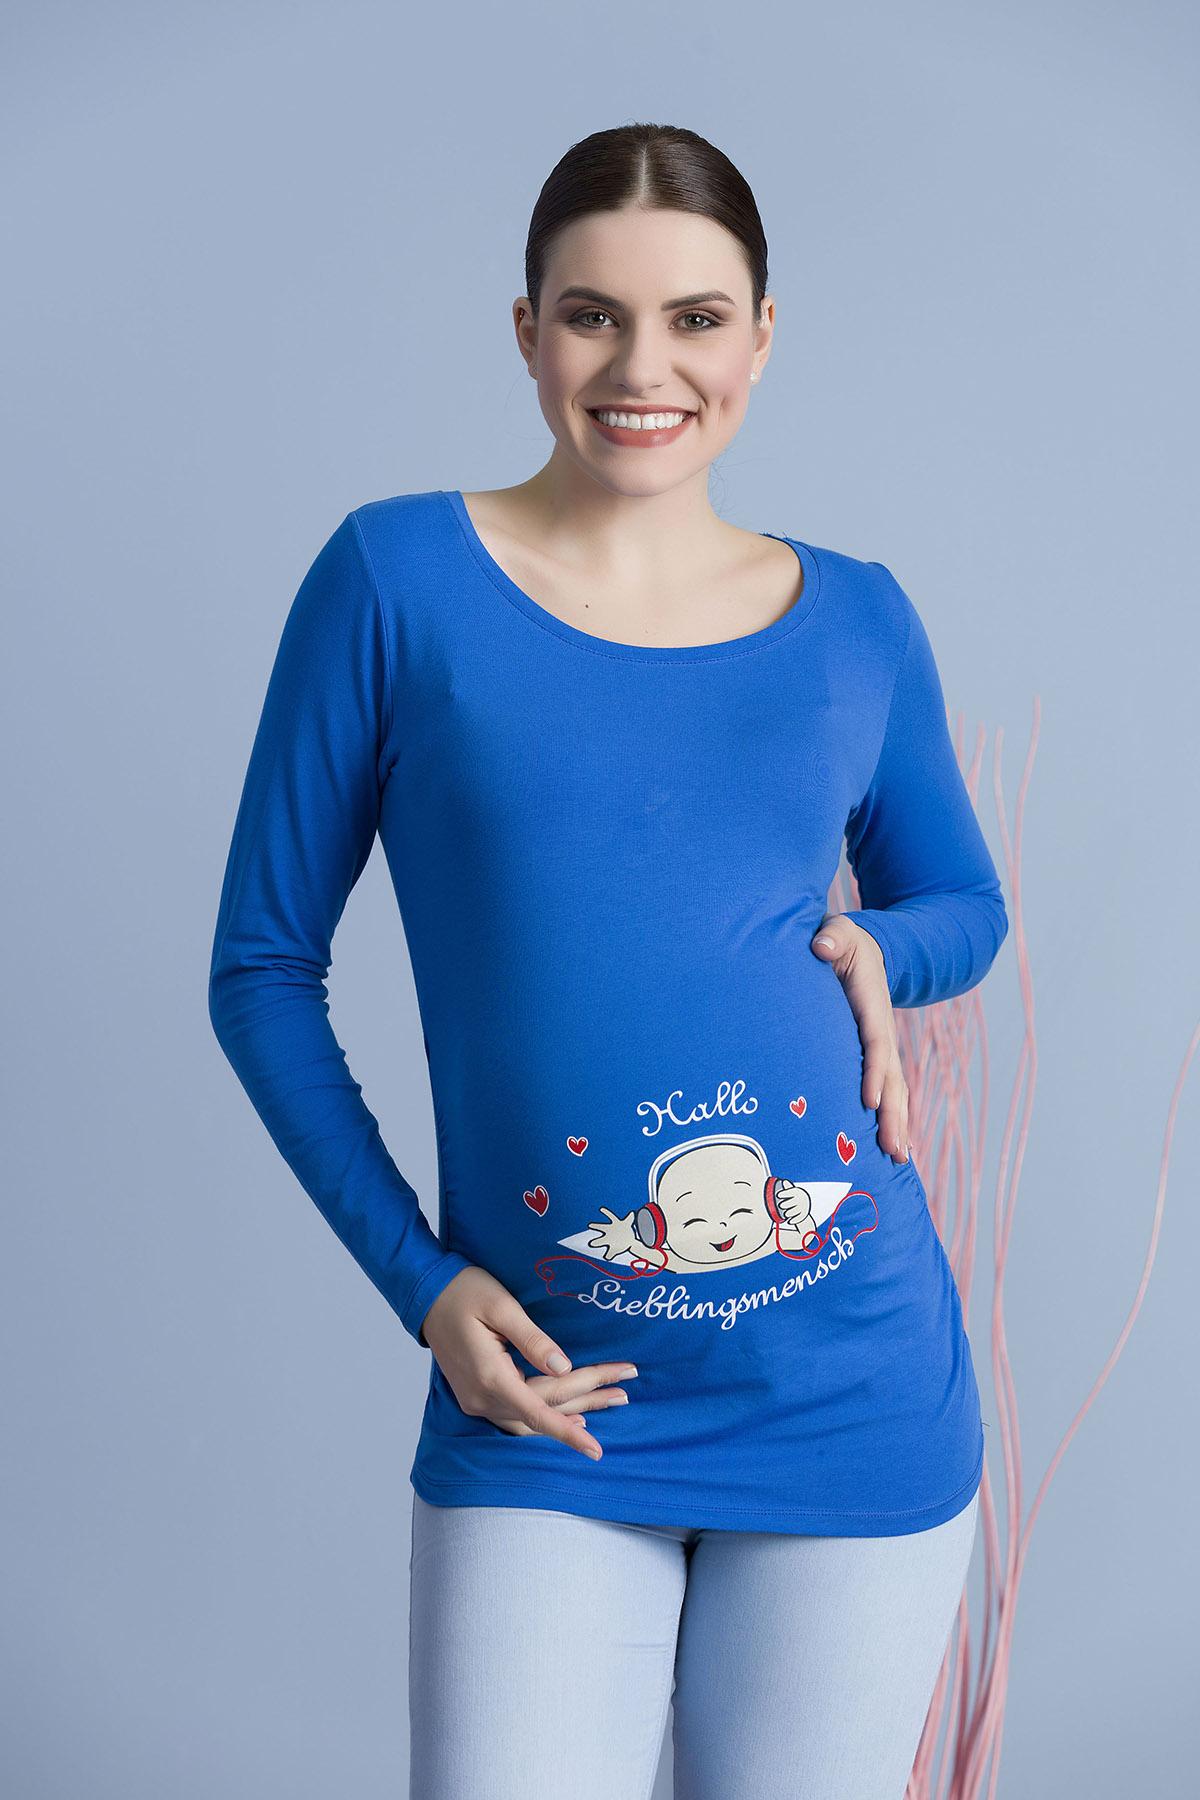 MAMIMODE Tričko s motívom Hallo Lieblingsmensch Dark blue